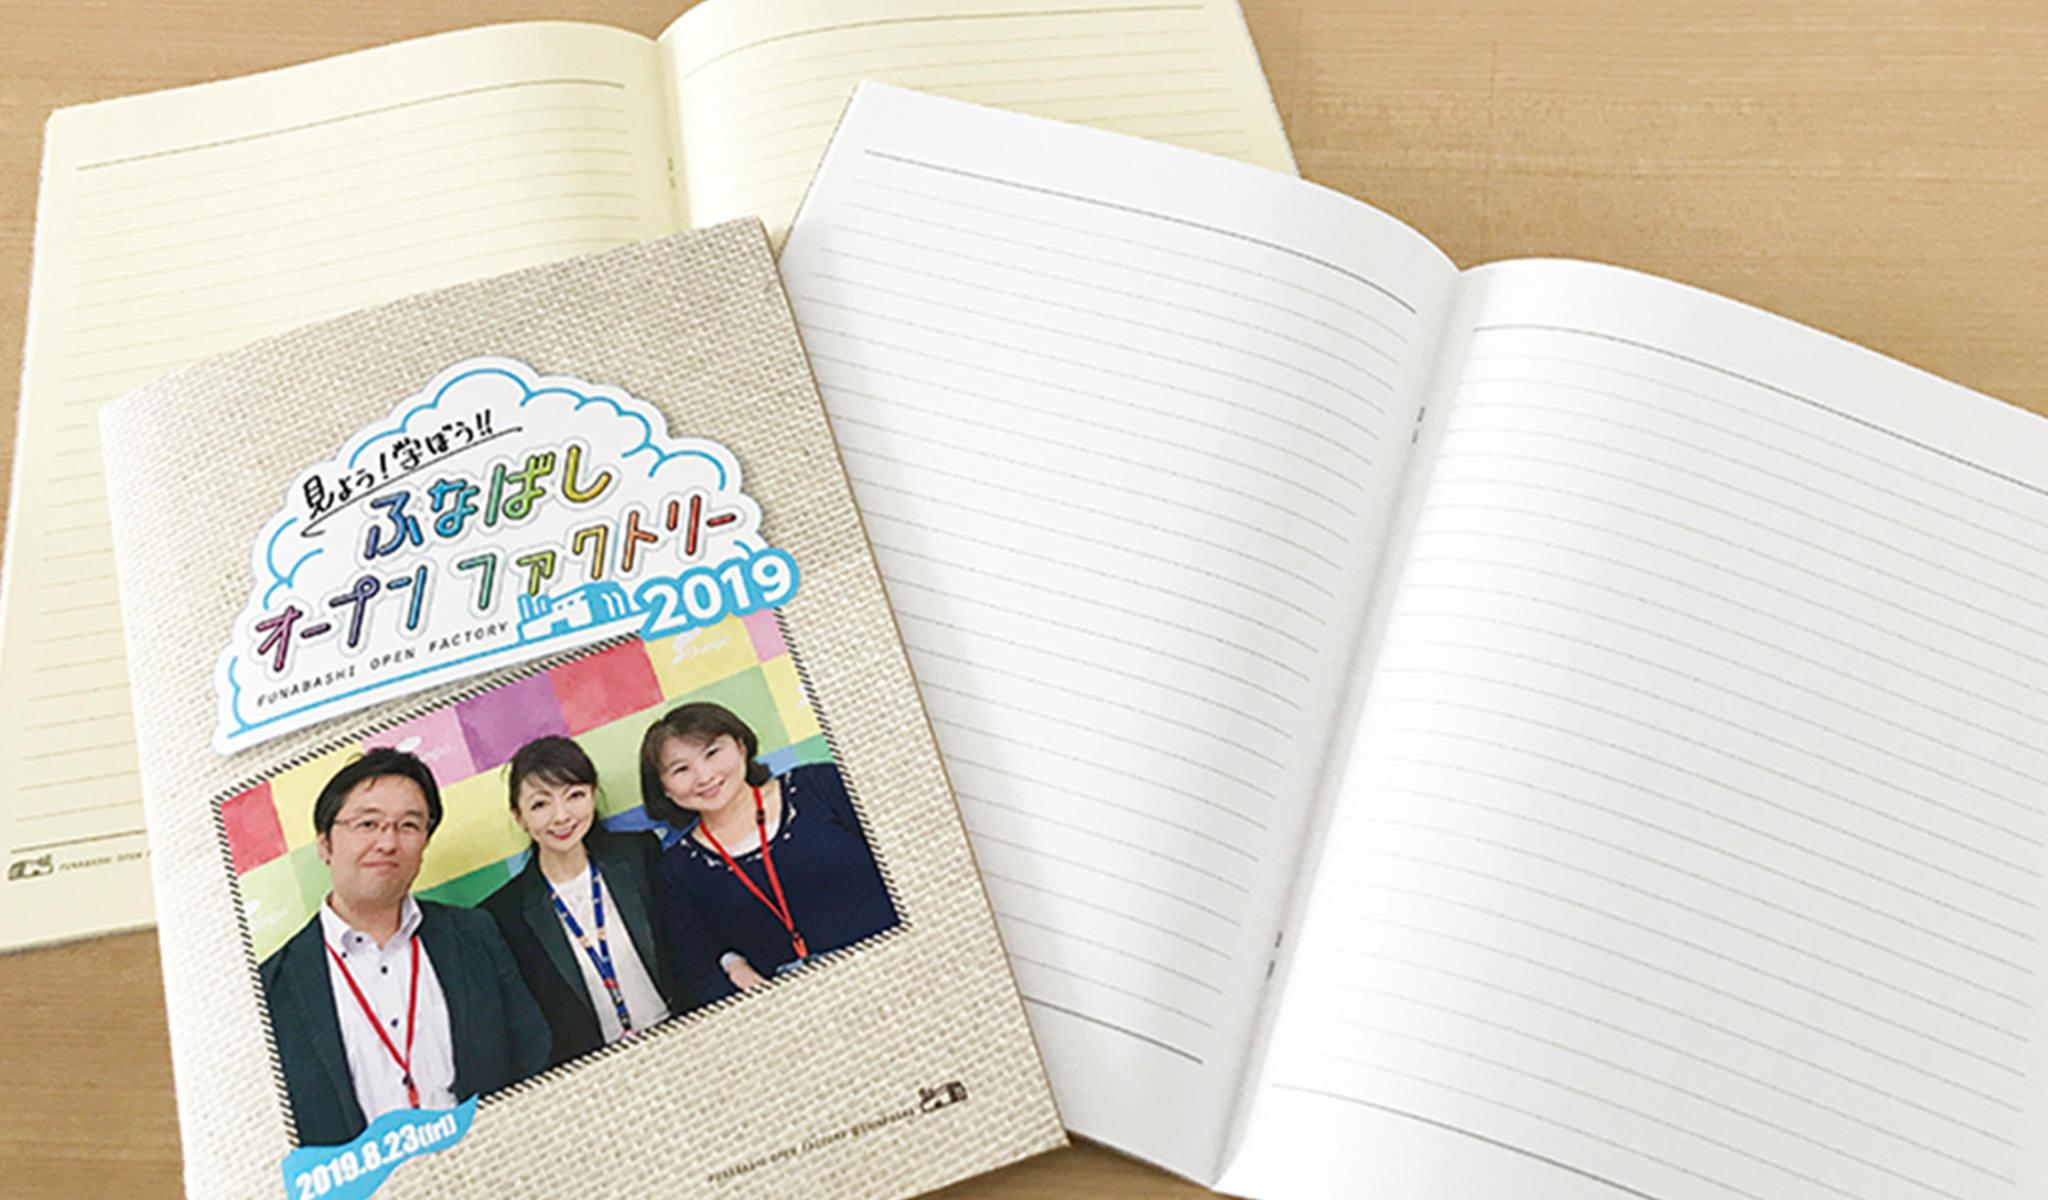 イベント用オリジナルノートのご提案